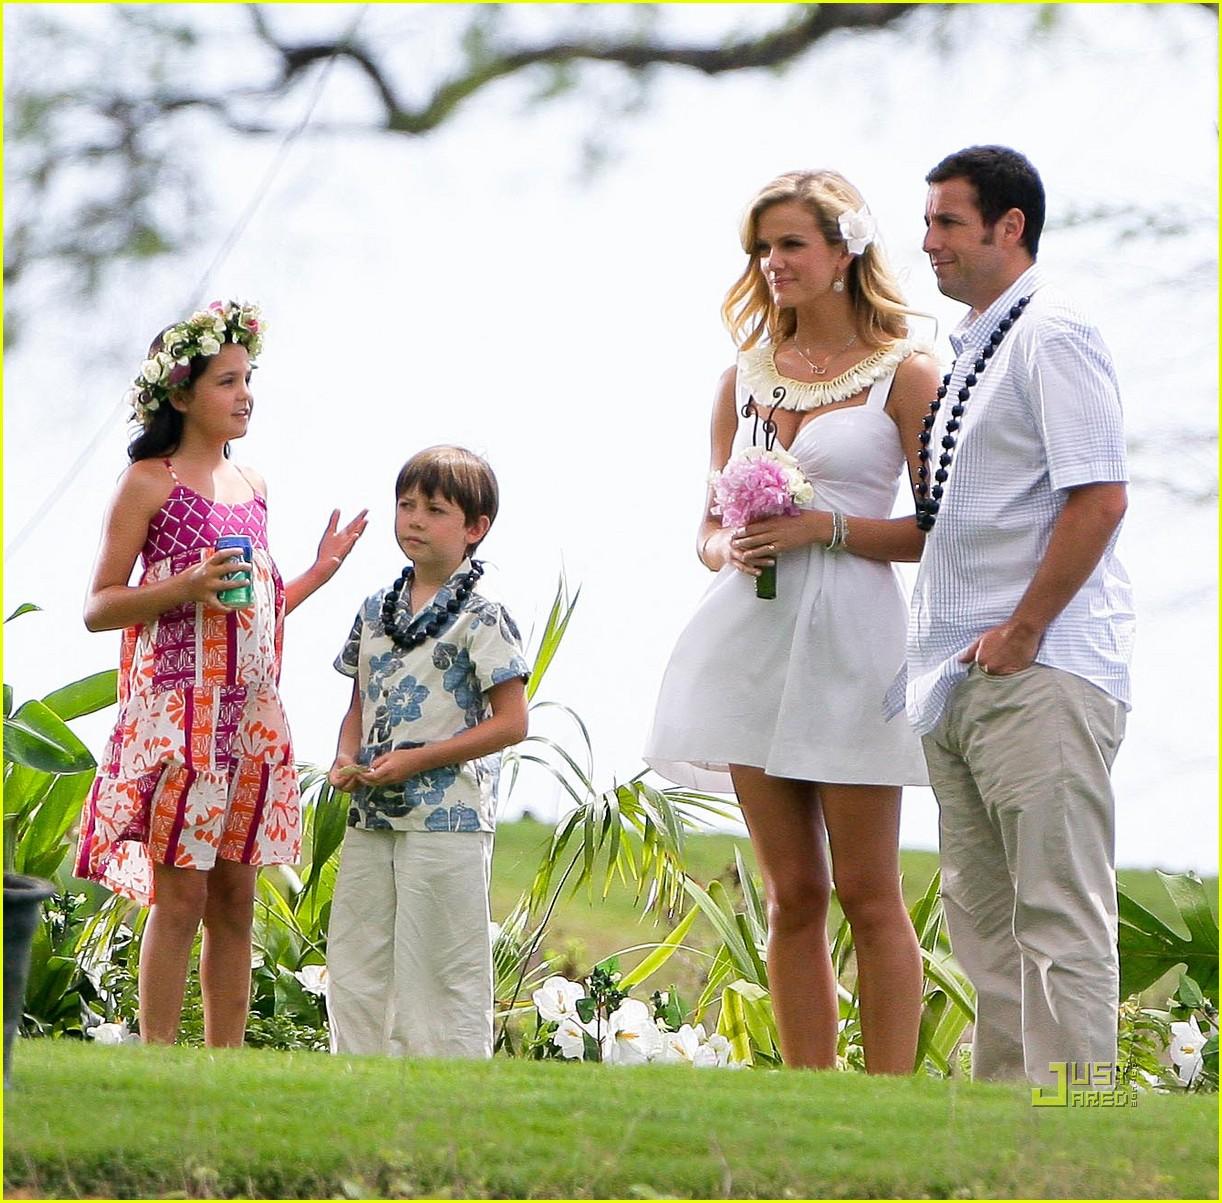 Brooklyn Decker Wedding: Full Sized Photo Of Brooklyn Decker Adam Sandler Wedding